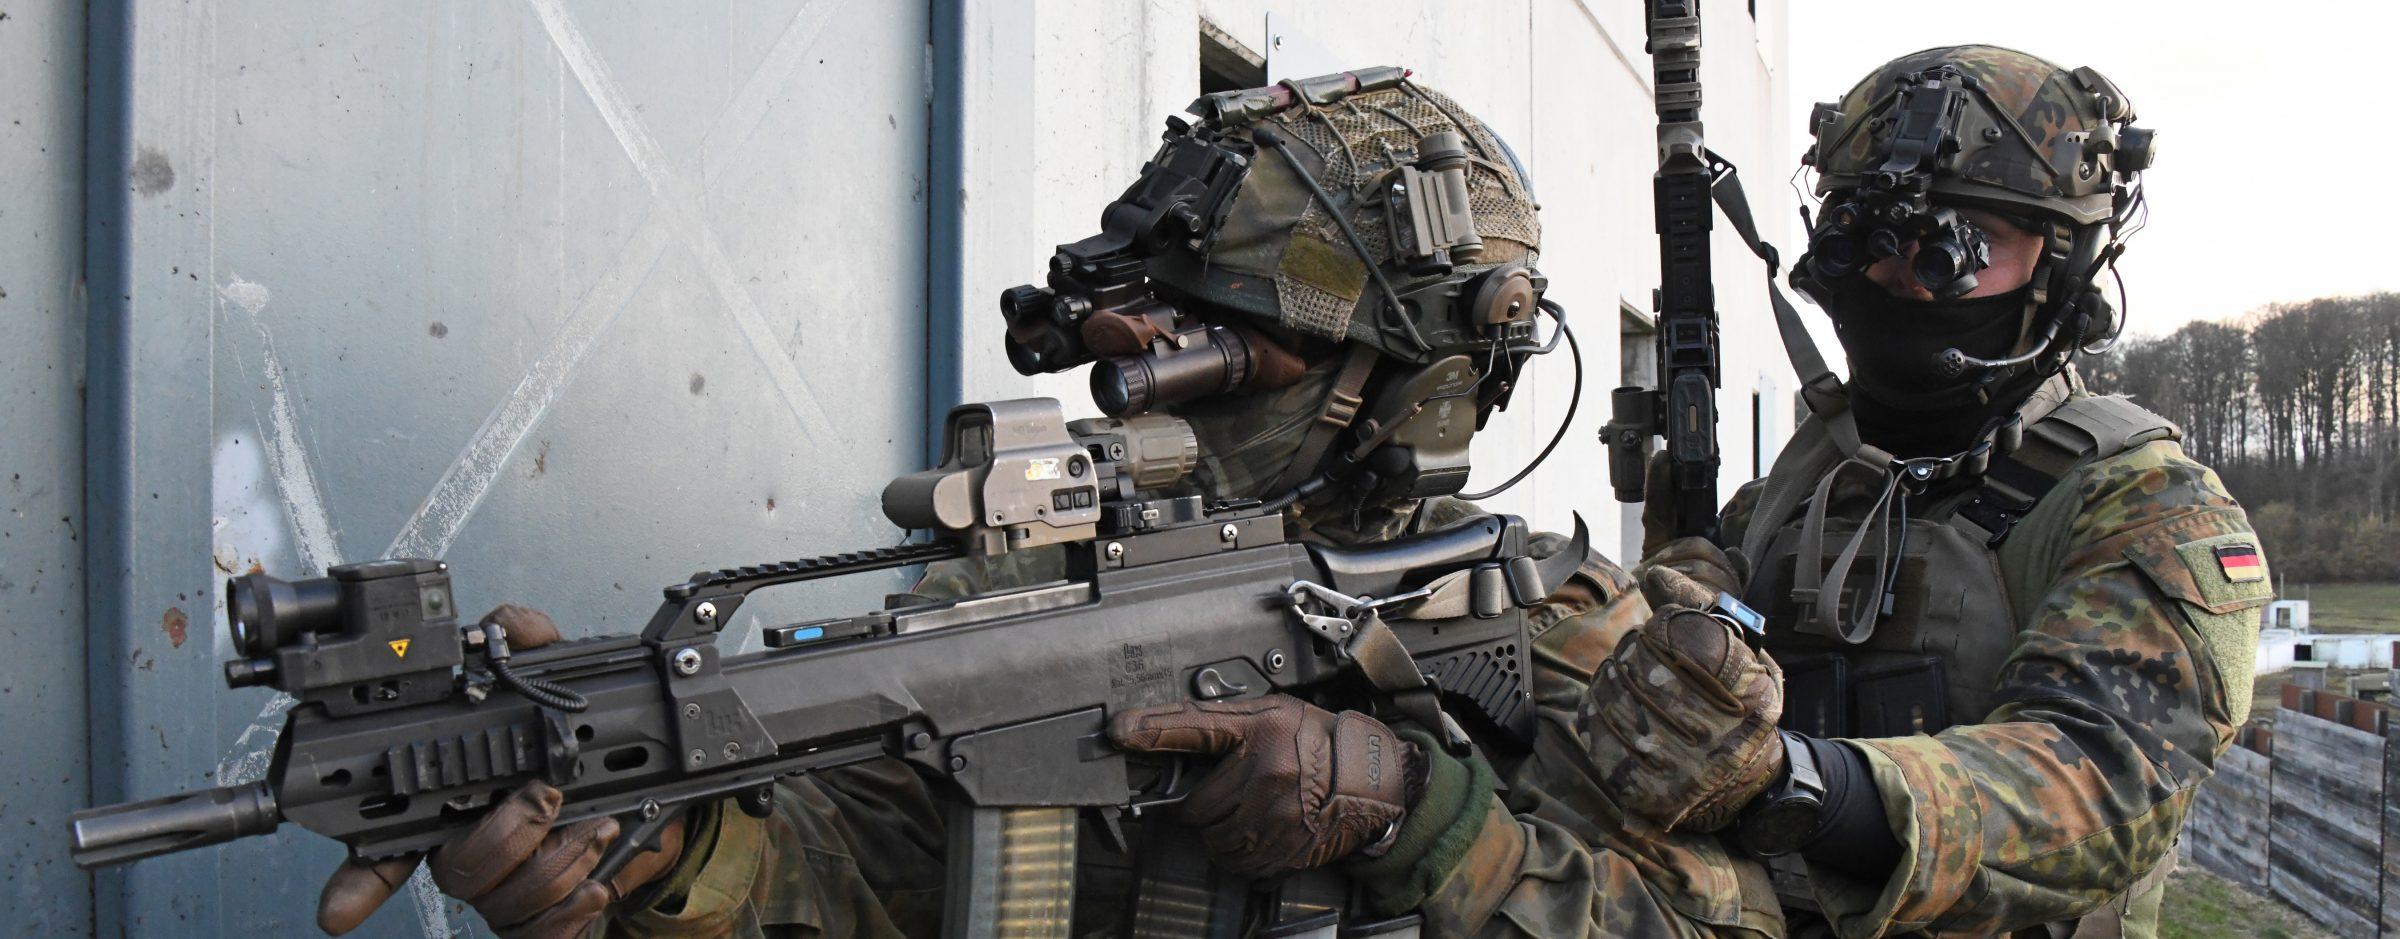 Gesteigerte Aufklärungs- und Handlungsfähigkeiten für NATO Kräfte bei Nacht